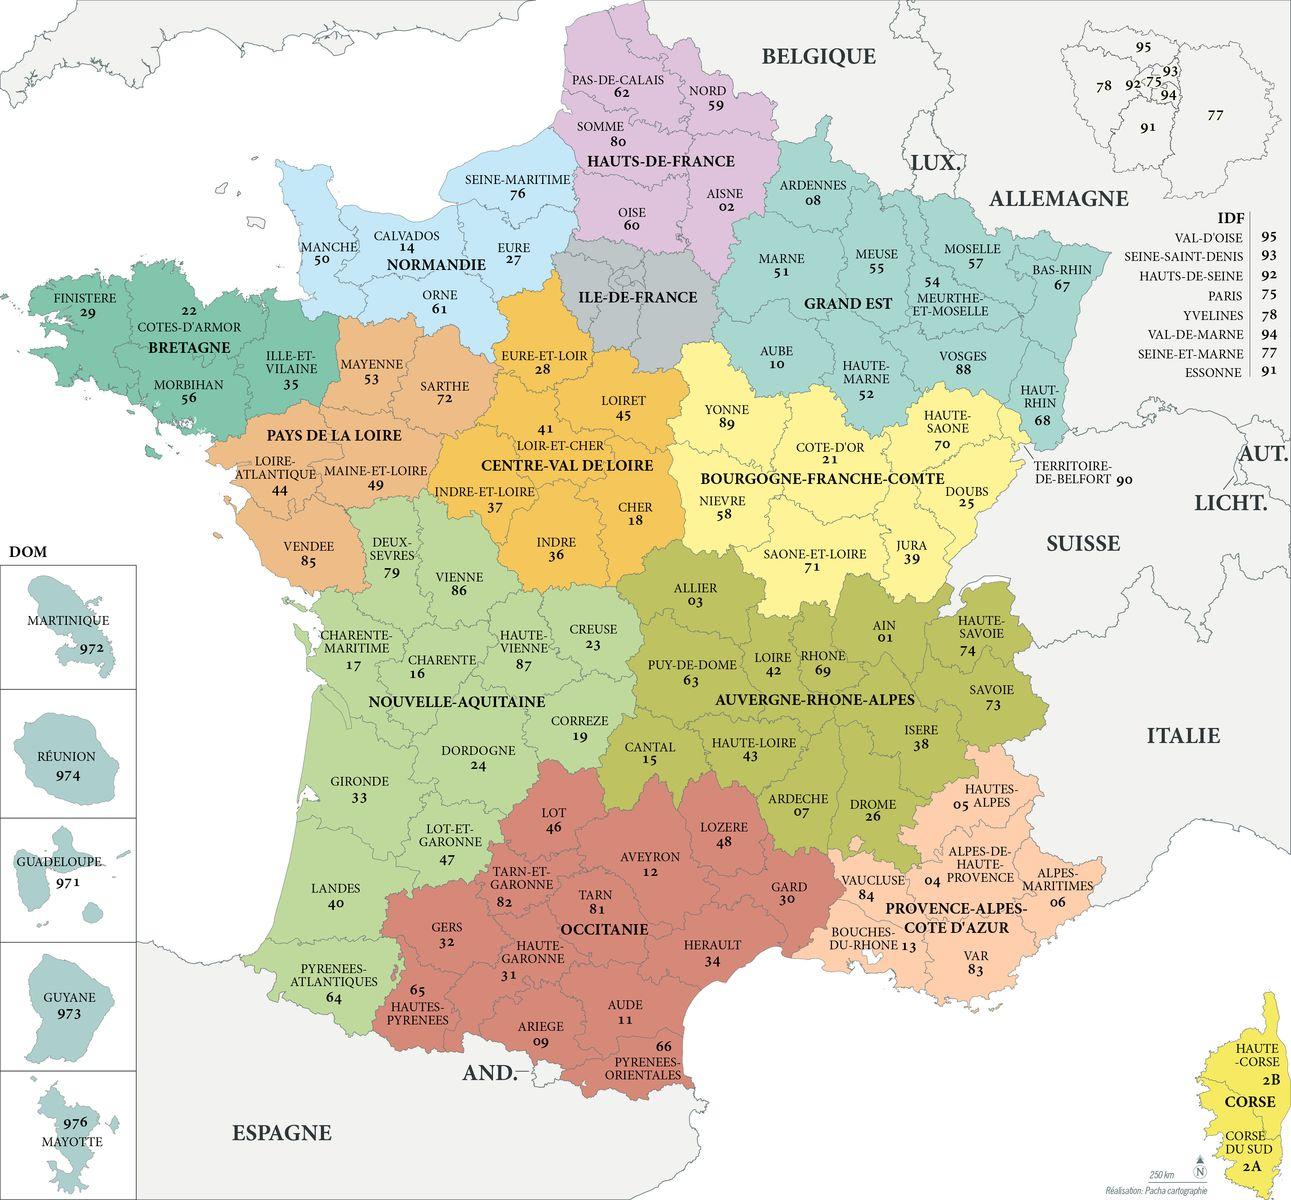 Fond-de-carte-France-Régions-et-départements-avec-noms